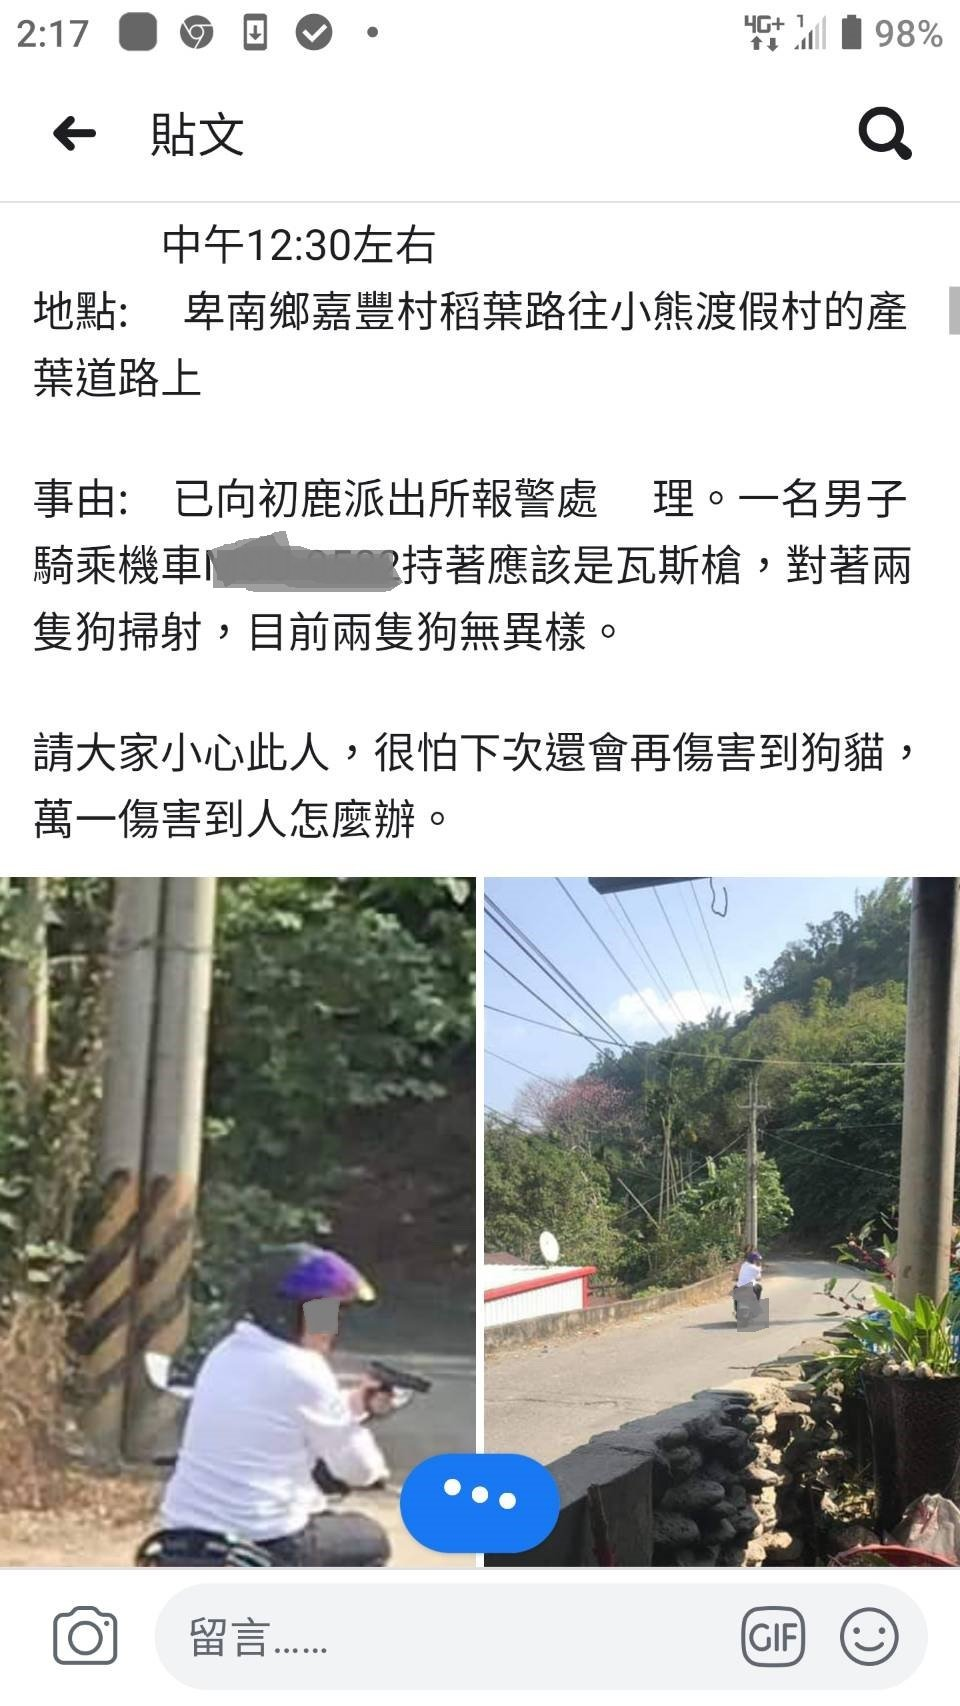 臉書社團「台東大小事(108年)」今天有PO文者張貼1名男子疑持著瓦斯槍對著2隻...